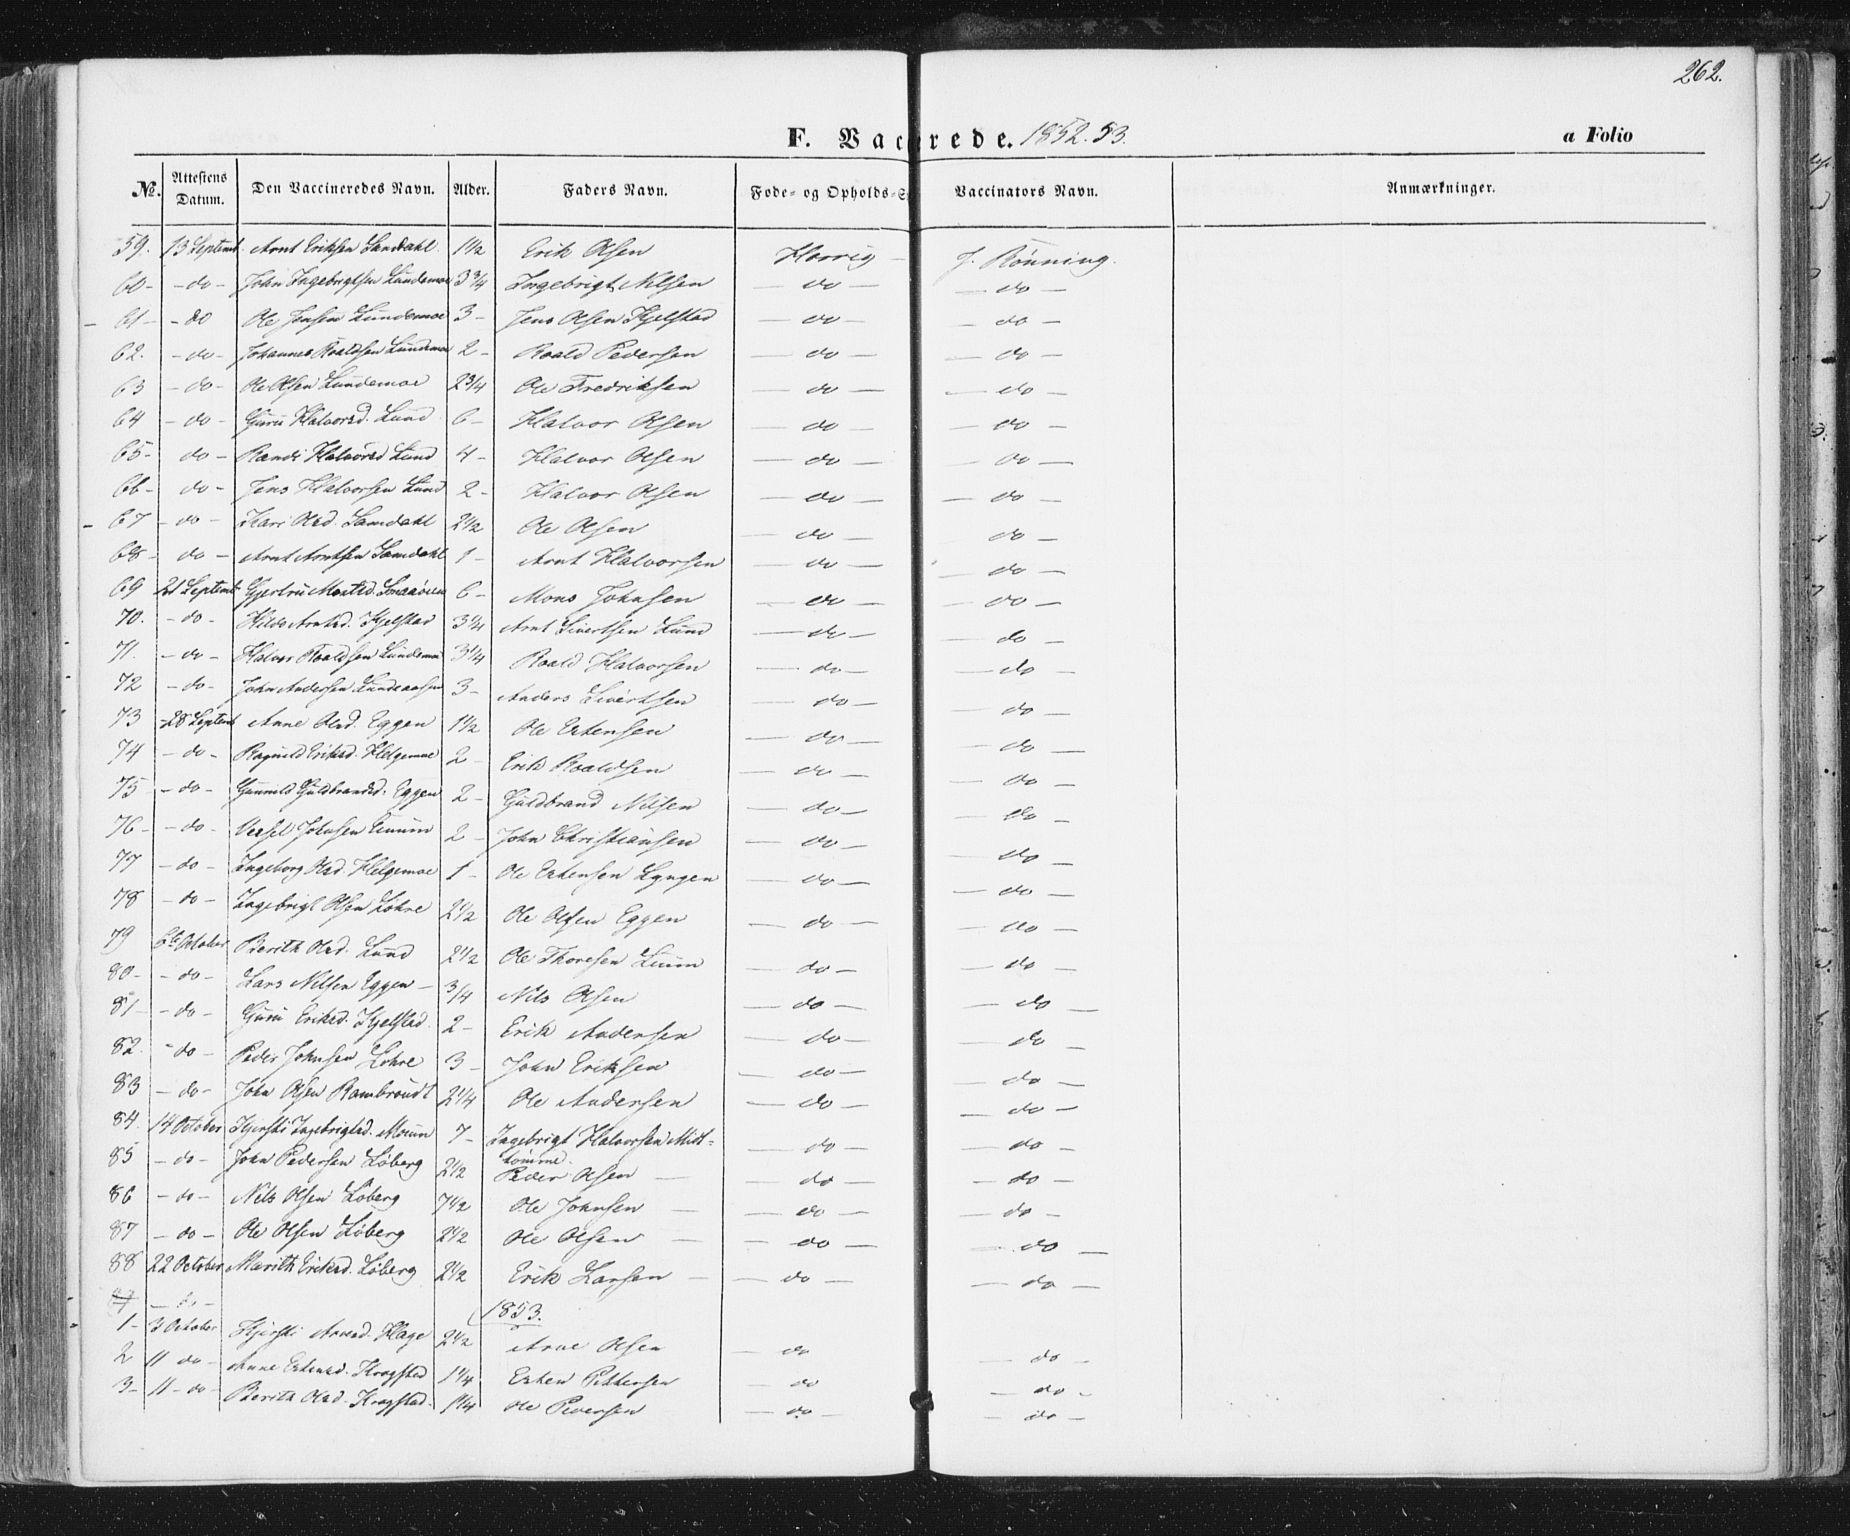 SAT, Ministerialprotokoller, klokkerbøker og fødselsregistre - Sør-Trøndelag, 692/L1103: Ministerialbok nr. 692A03, 1849-1870, s. 262